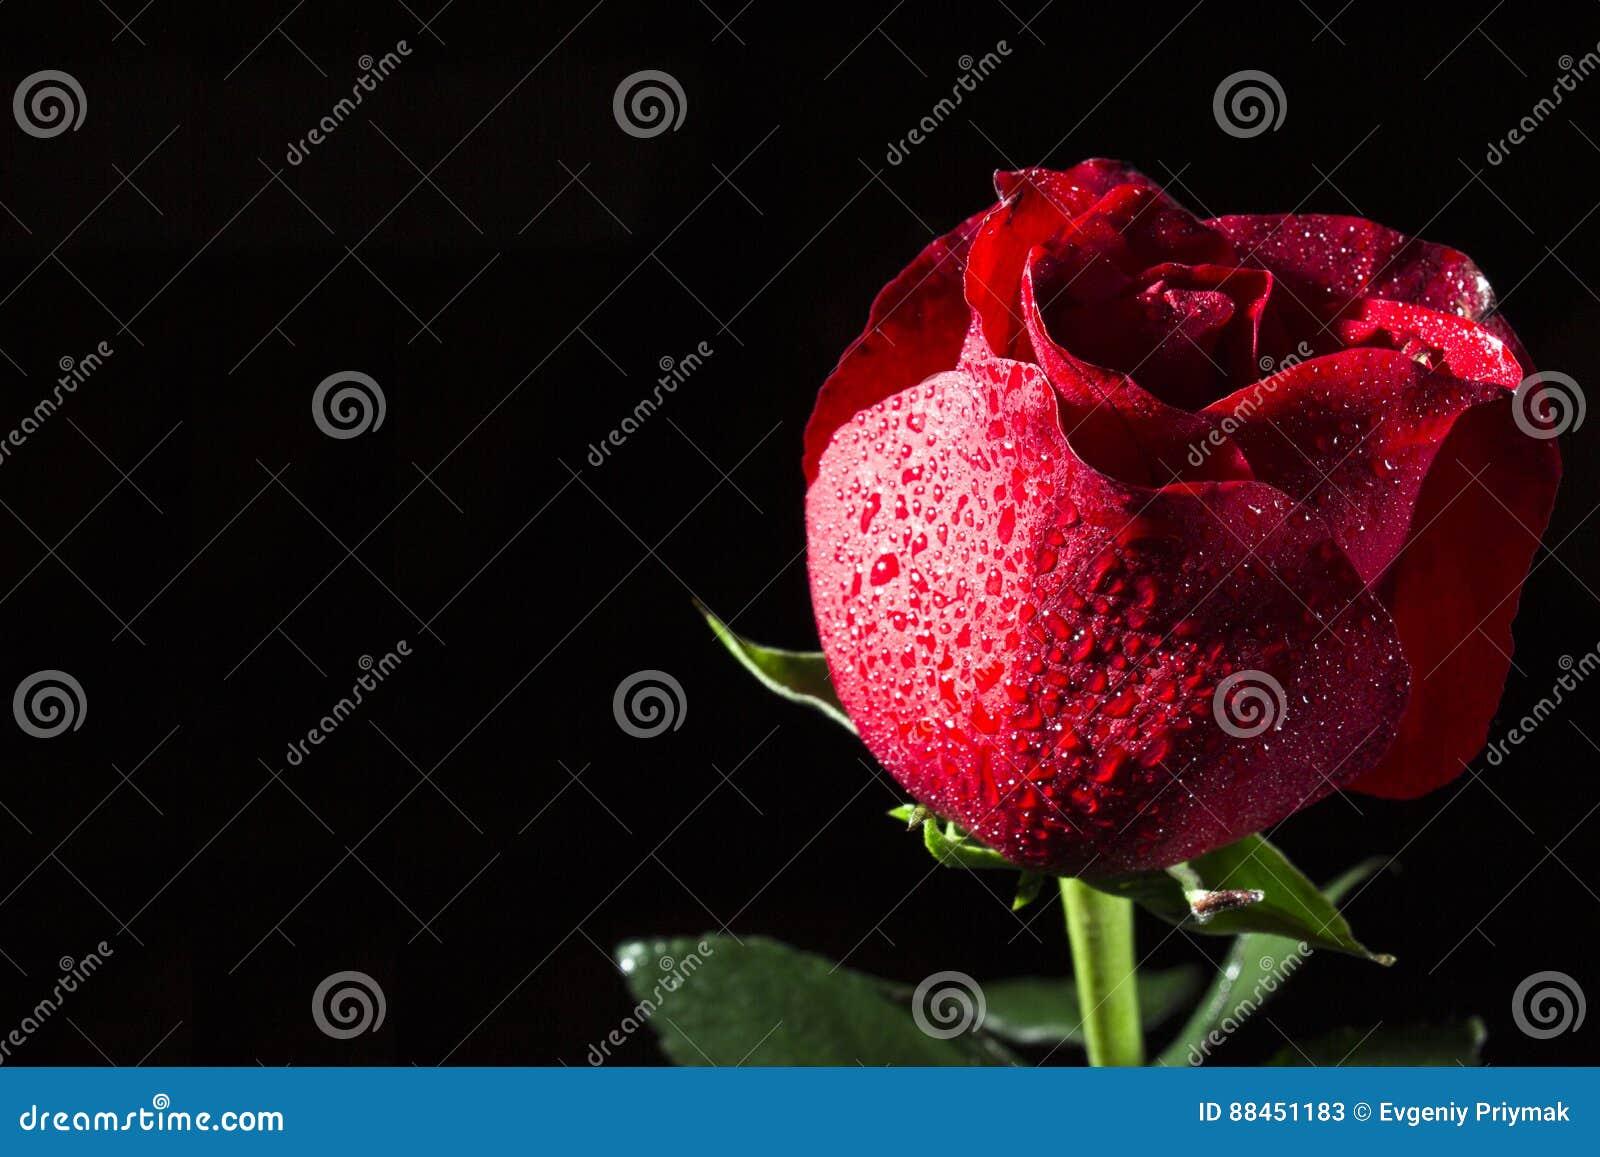 Fiore Di Una Rosa Rossa Su Un Fondo Nero Immagine Stock Immagine